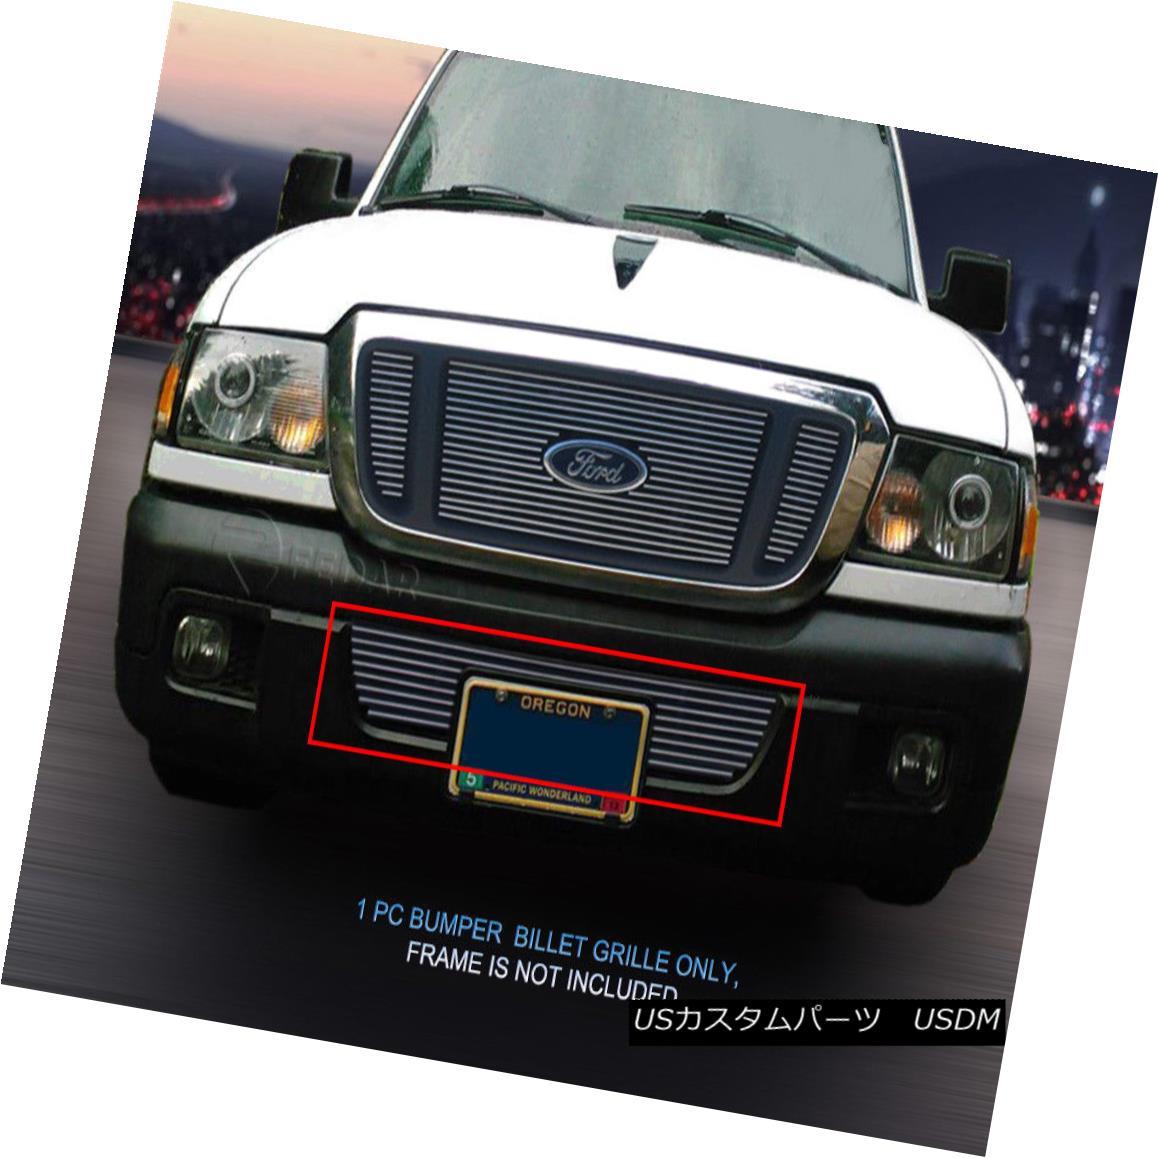 グリル For 2004-2005 Ford Ranger Bolt-On Billet Grille Grill Bumper Insert 1 PC Fedar 2004-2005年フォードレンジャーボルトオンビレットグリルグリルバンパーインサート1 PC Fedar